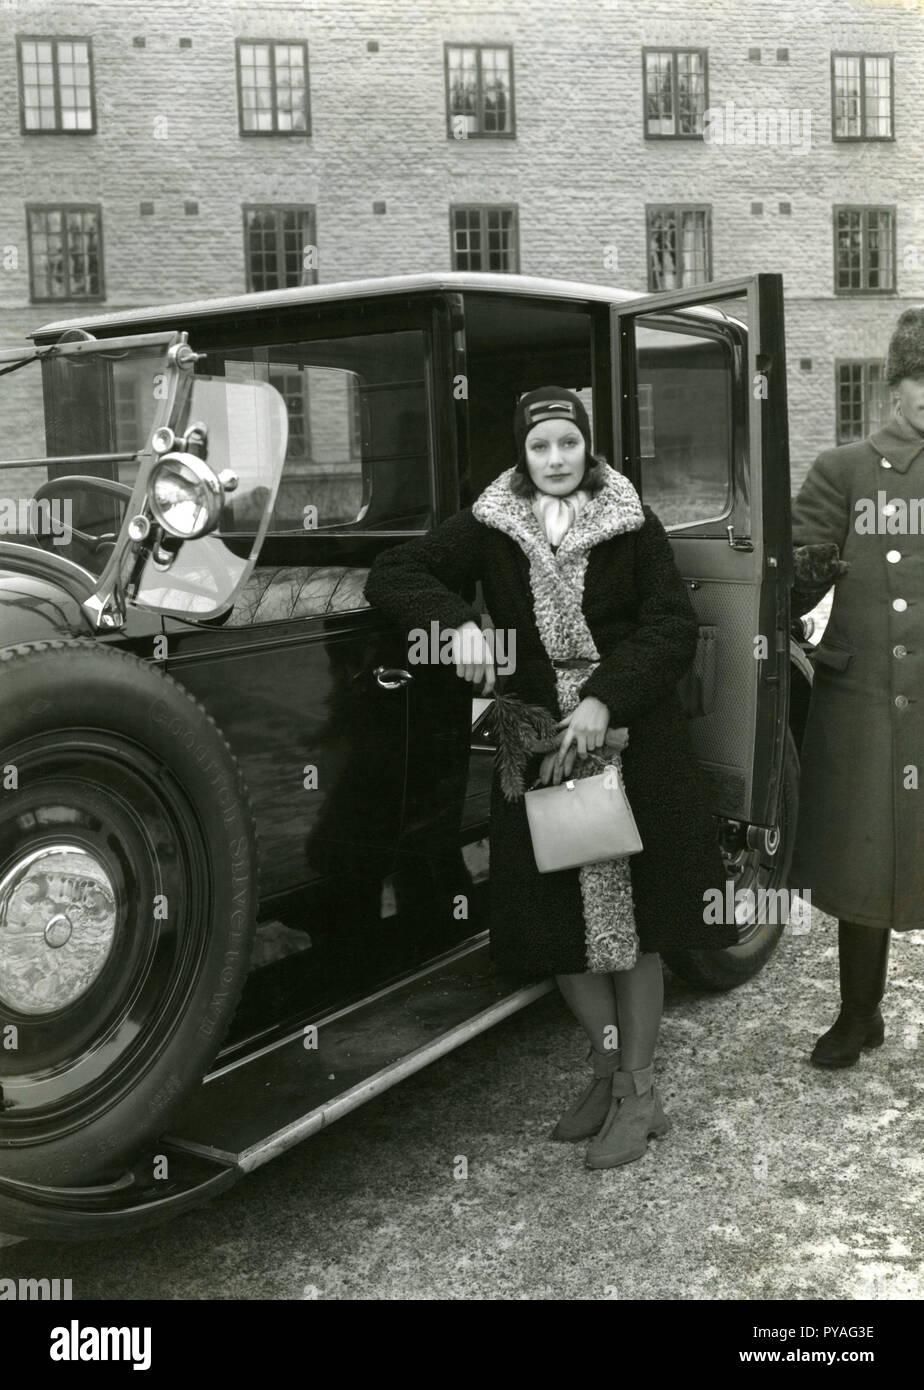 Schwedische Schauspielerin Greta Garbo. 1905-1990. Schwedische Schauspielerin mit ihrer Herrlichkeit Tage während der 1920er und 1930er Jahre. Sie zog sich vom Bildschirm im Alter von 35 Jahren nach dem Handeln in 28 Filmen. Hier sehen Sie, wenn Sie auf Urlaub in Stockholm 1935 und posiert für die Fotografen auf halbem Weg in ein Taxi. Stockbild